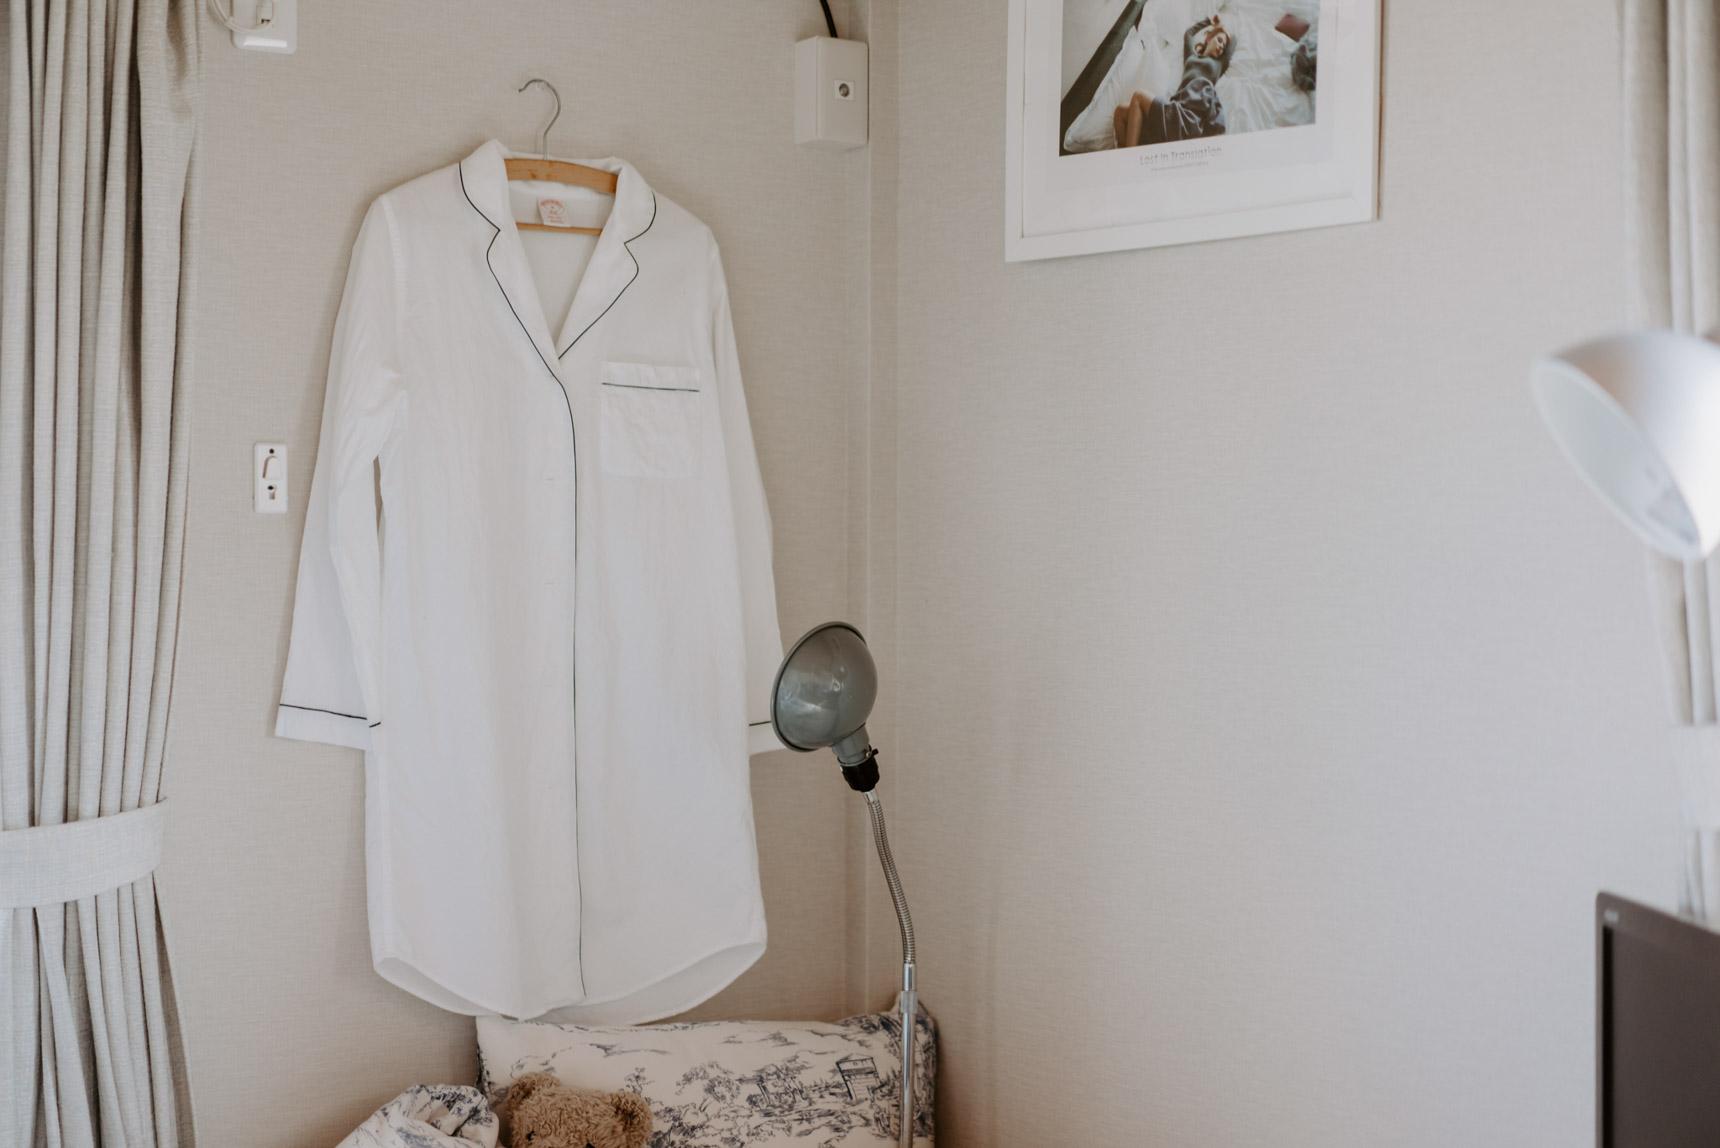 壁にかけられていたパジャマ。絵になるパジャマ、て素敵。